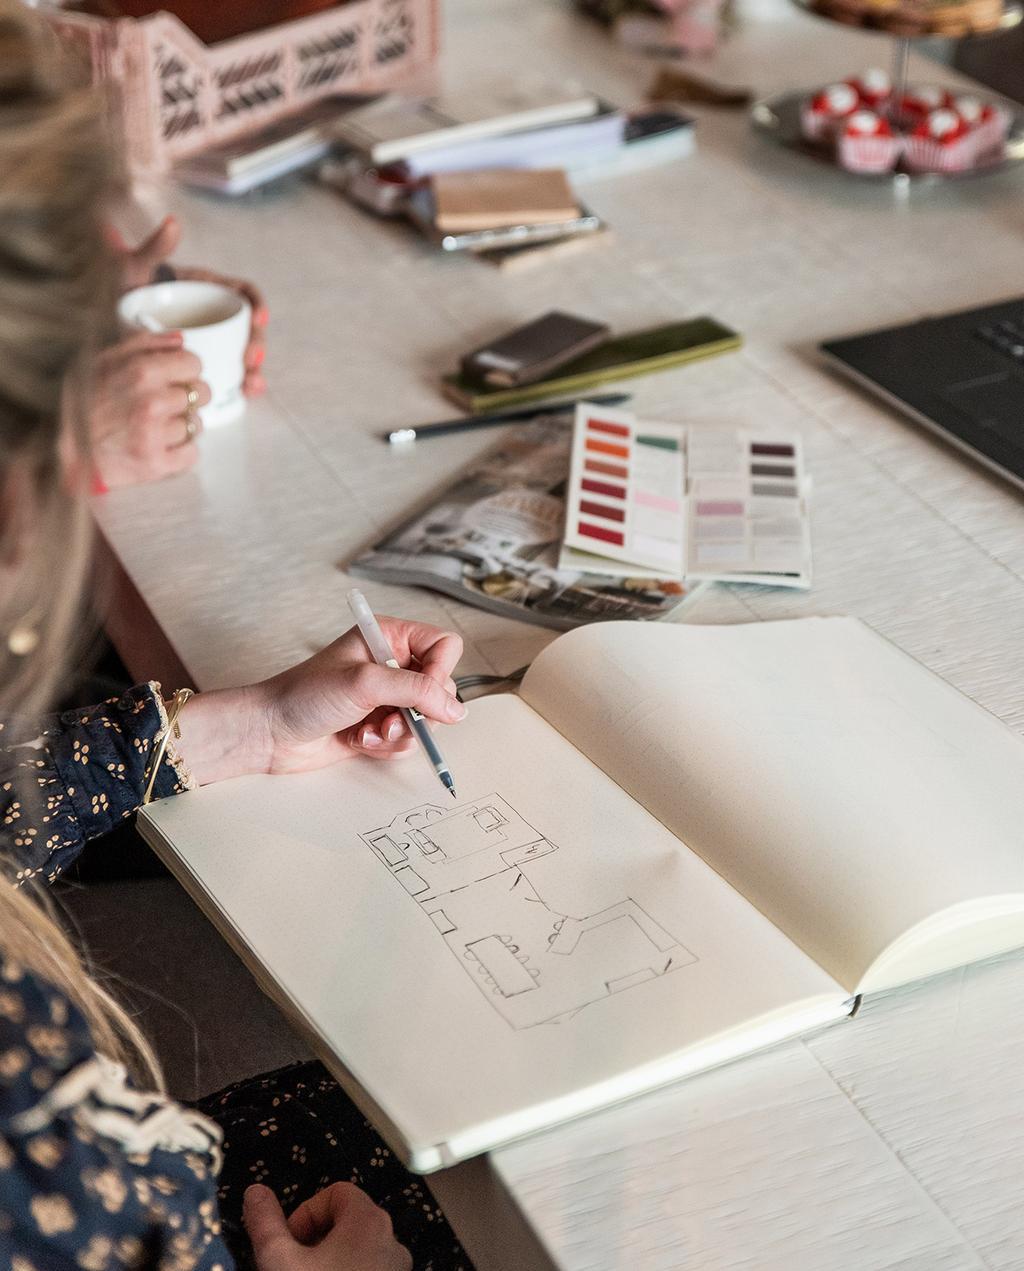 vtwonen voorjaarshuis 2021 | Liza maakt een schets van het huis